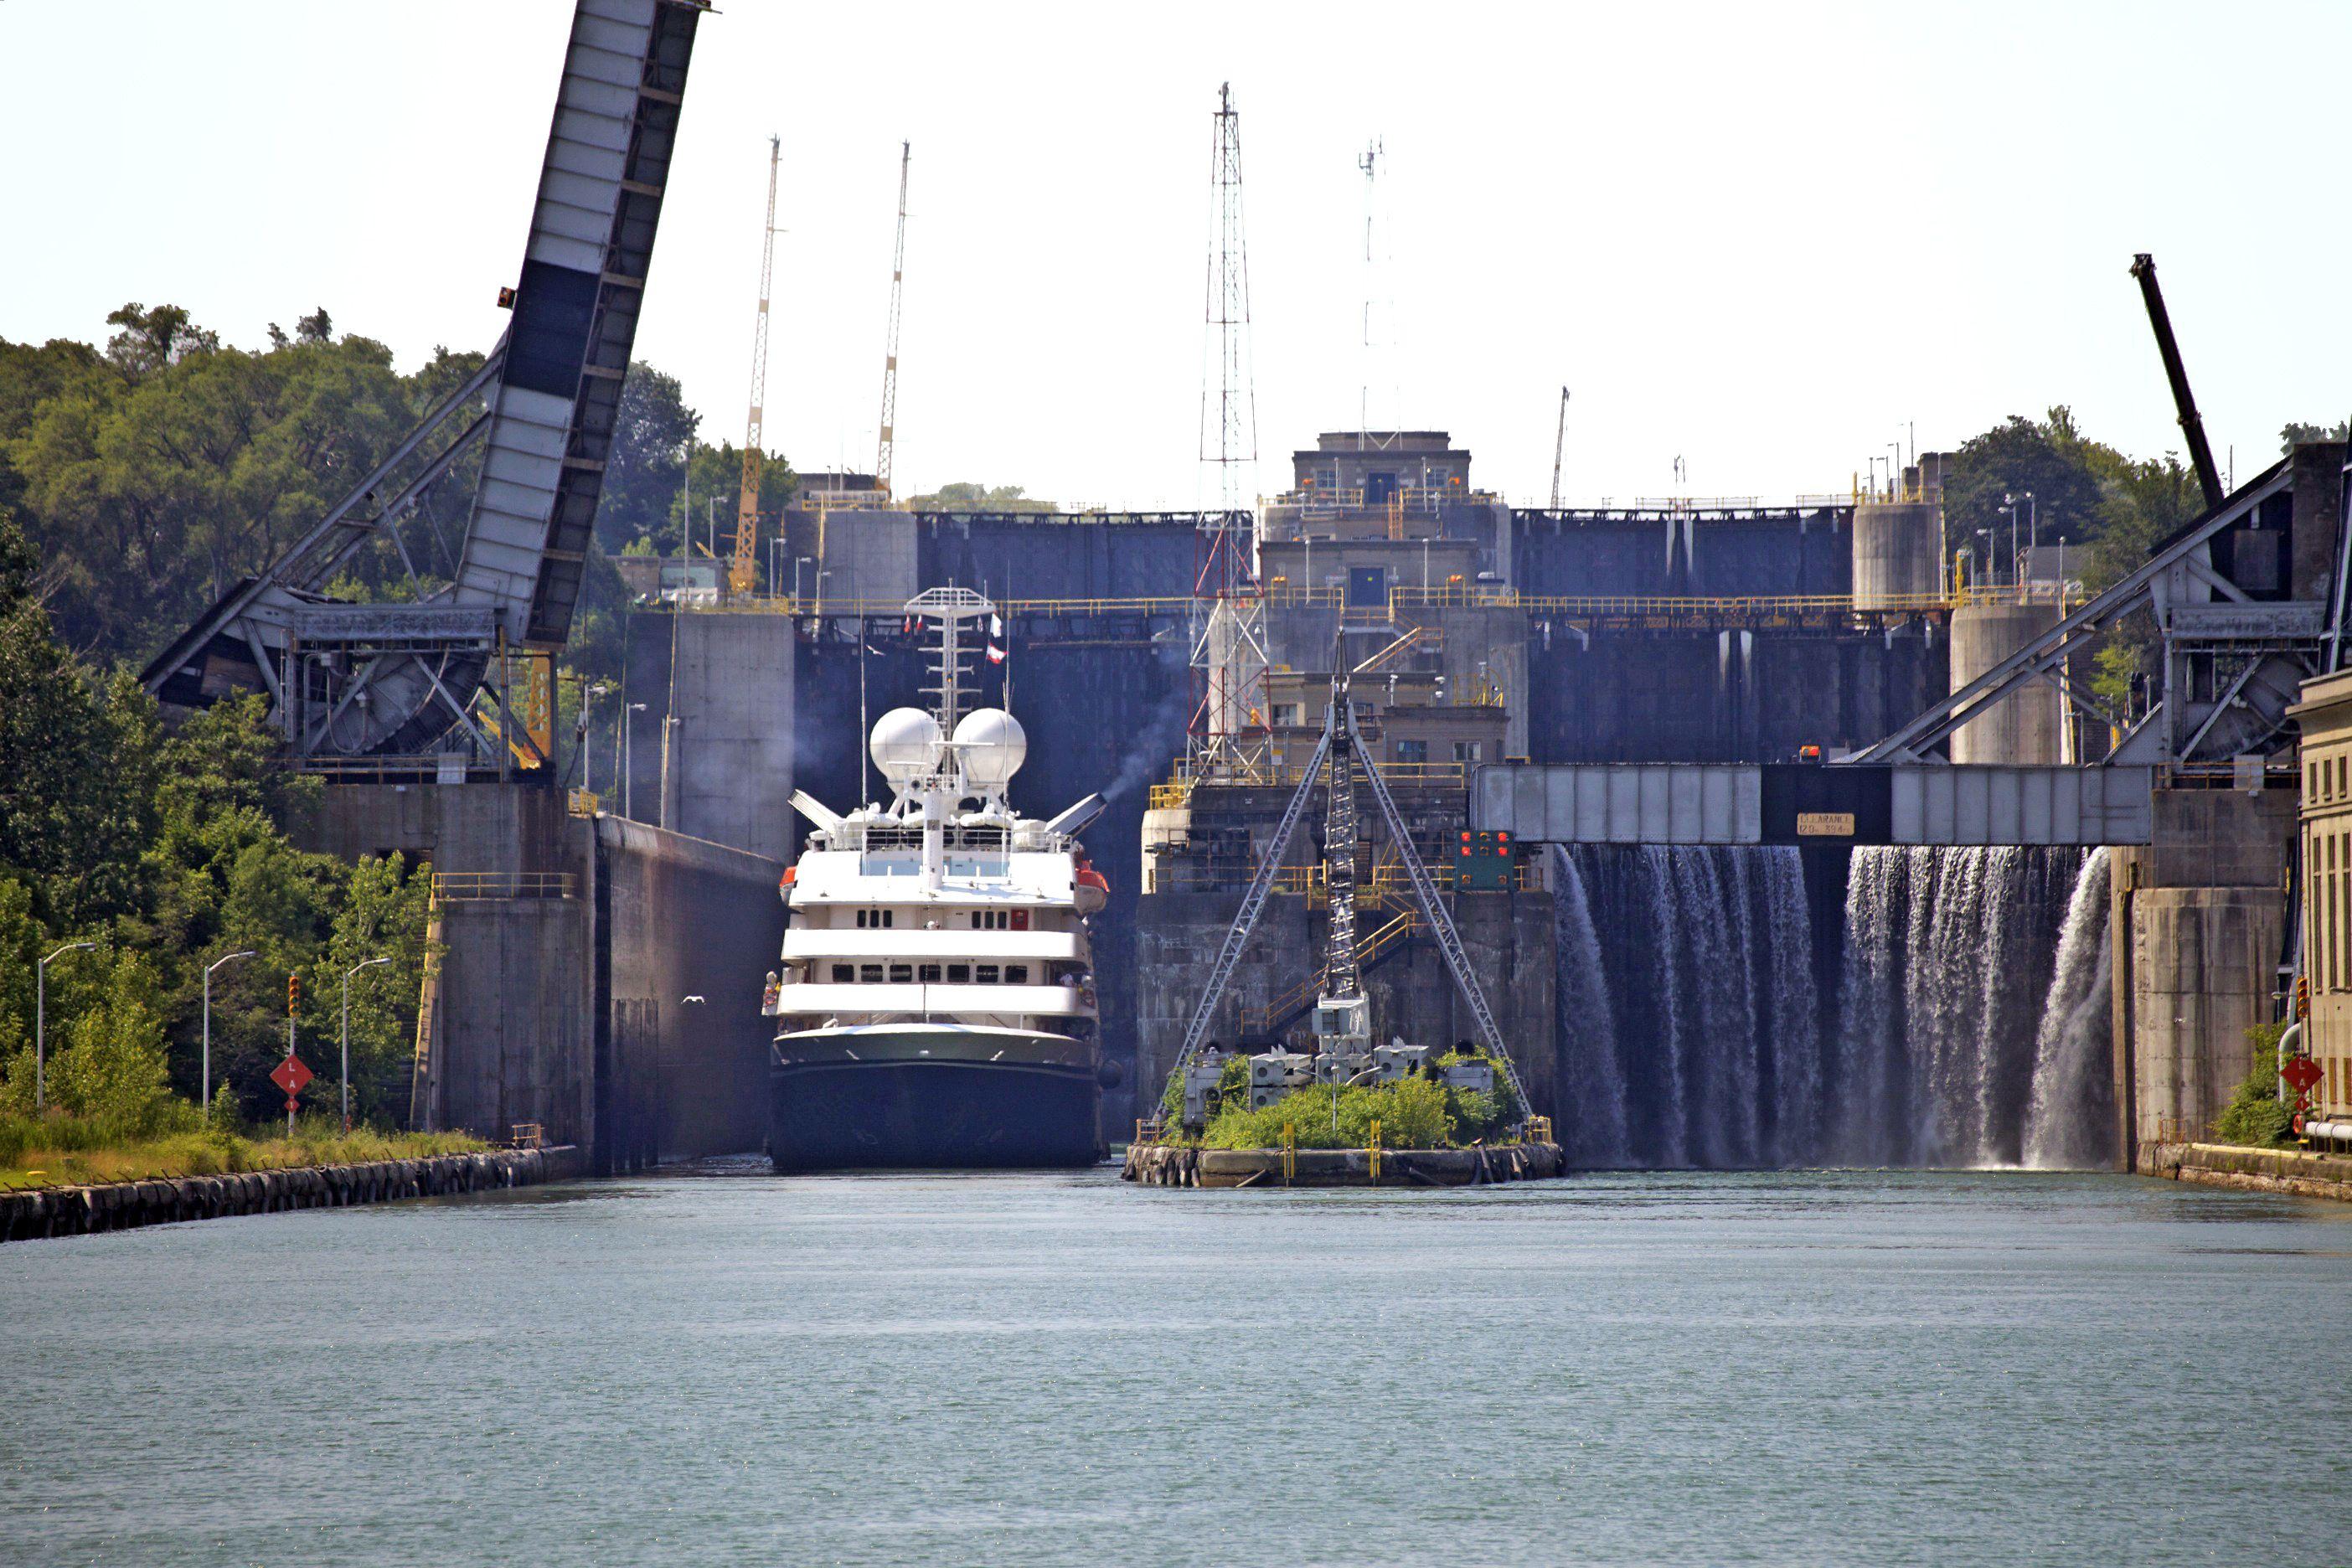 Risultati immagini per welland canal ontario lock 3 visitor centre